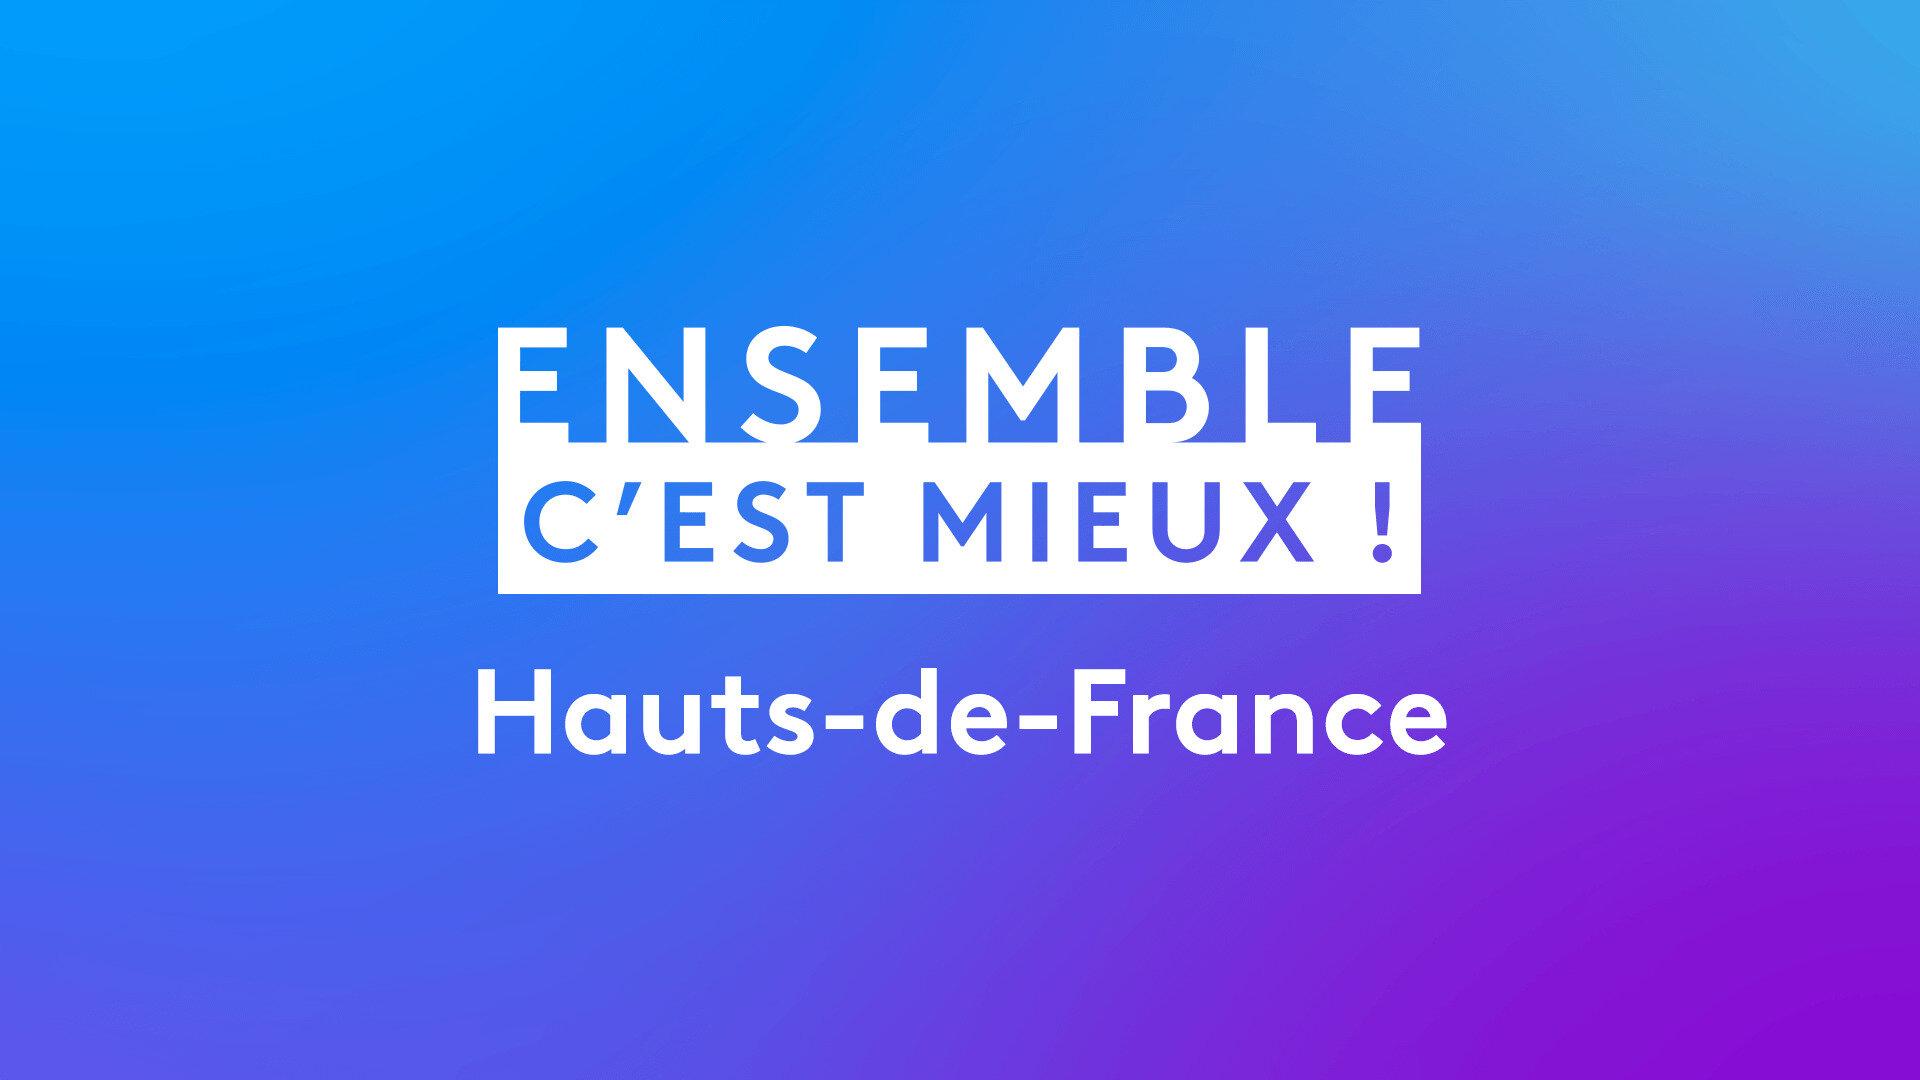 Ensemble c'est mieux ! Hauts-de-France : L'atelier artisanal Le Pâtureur à Aulnoy-lez-Valenciennes